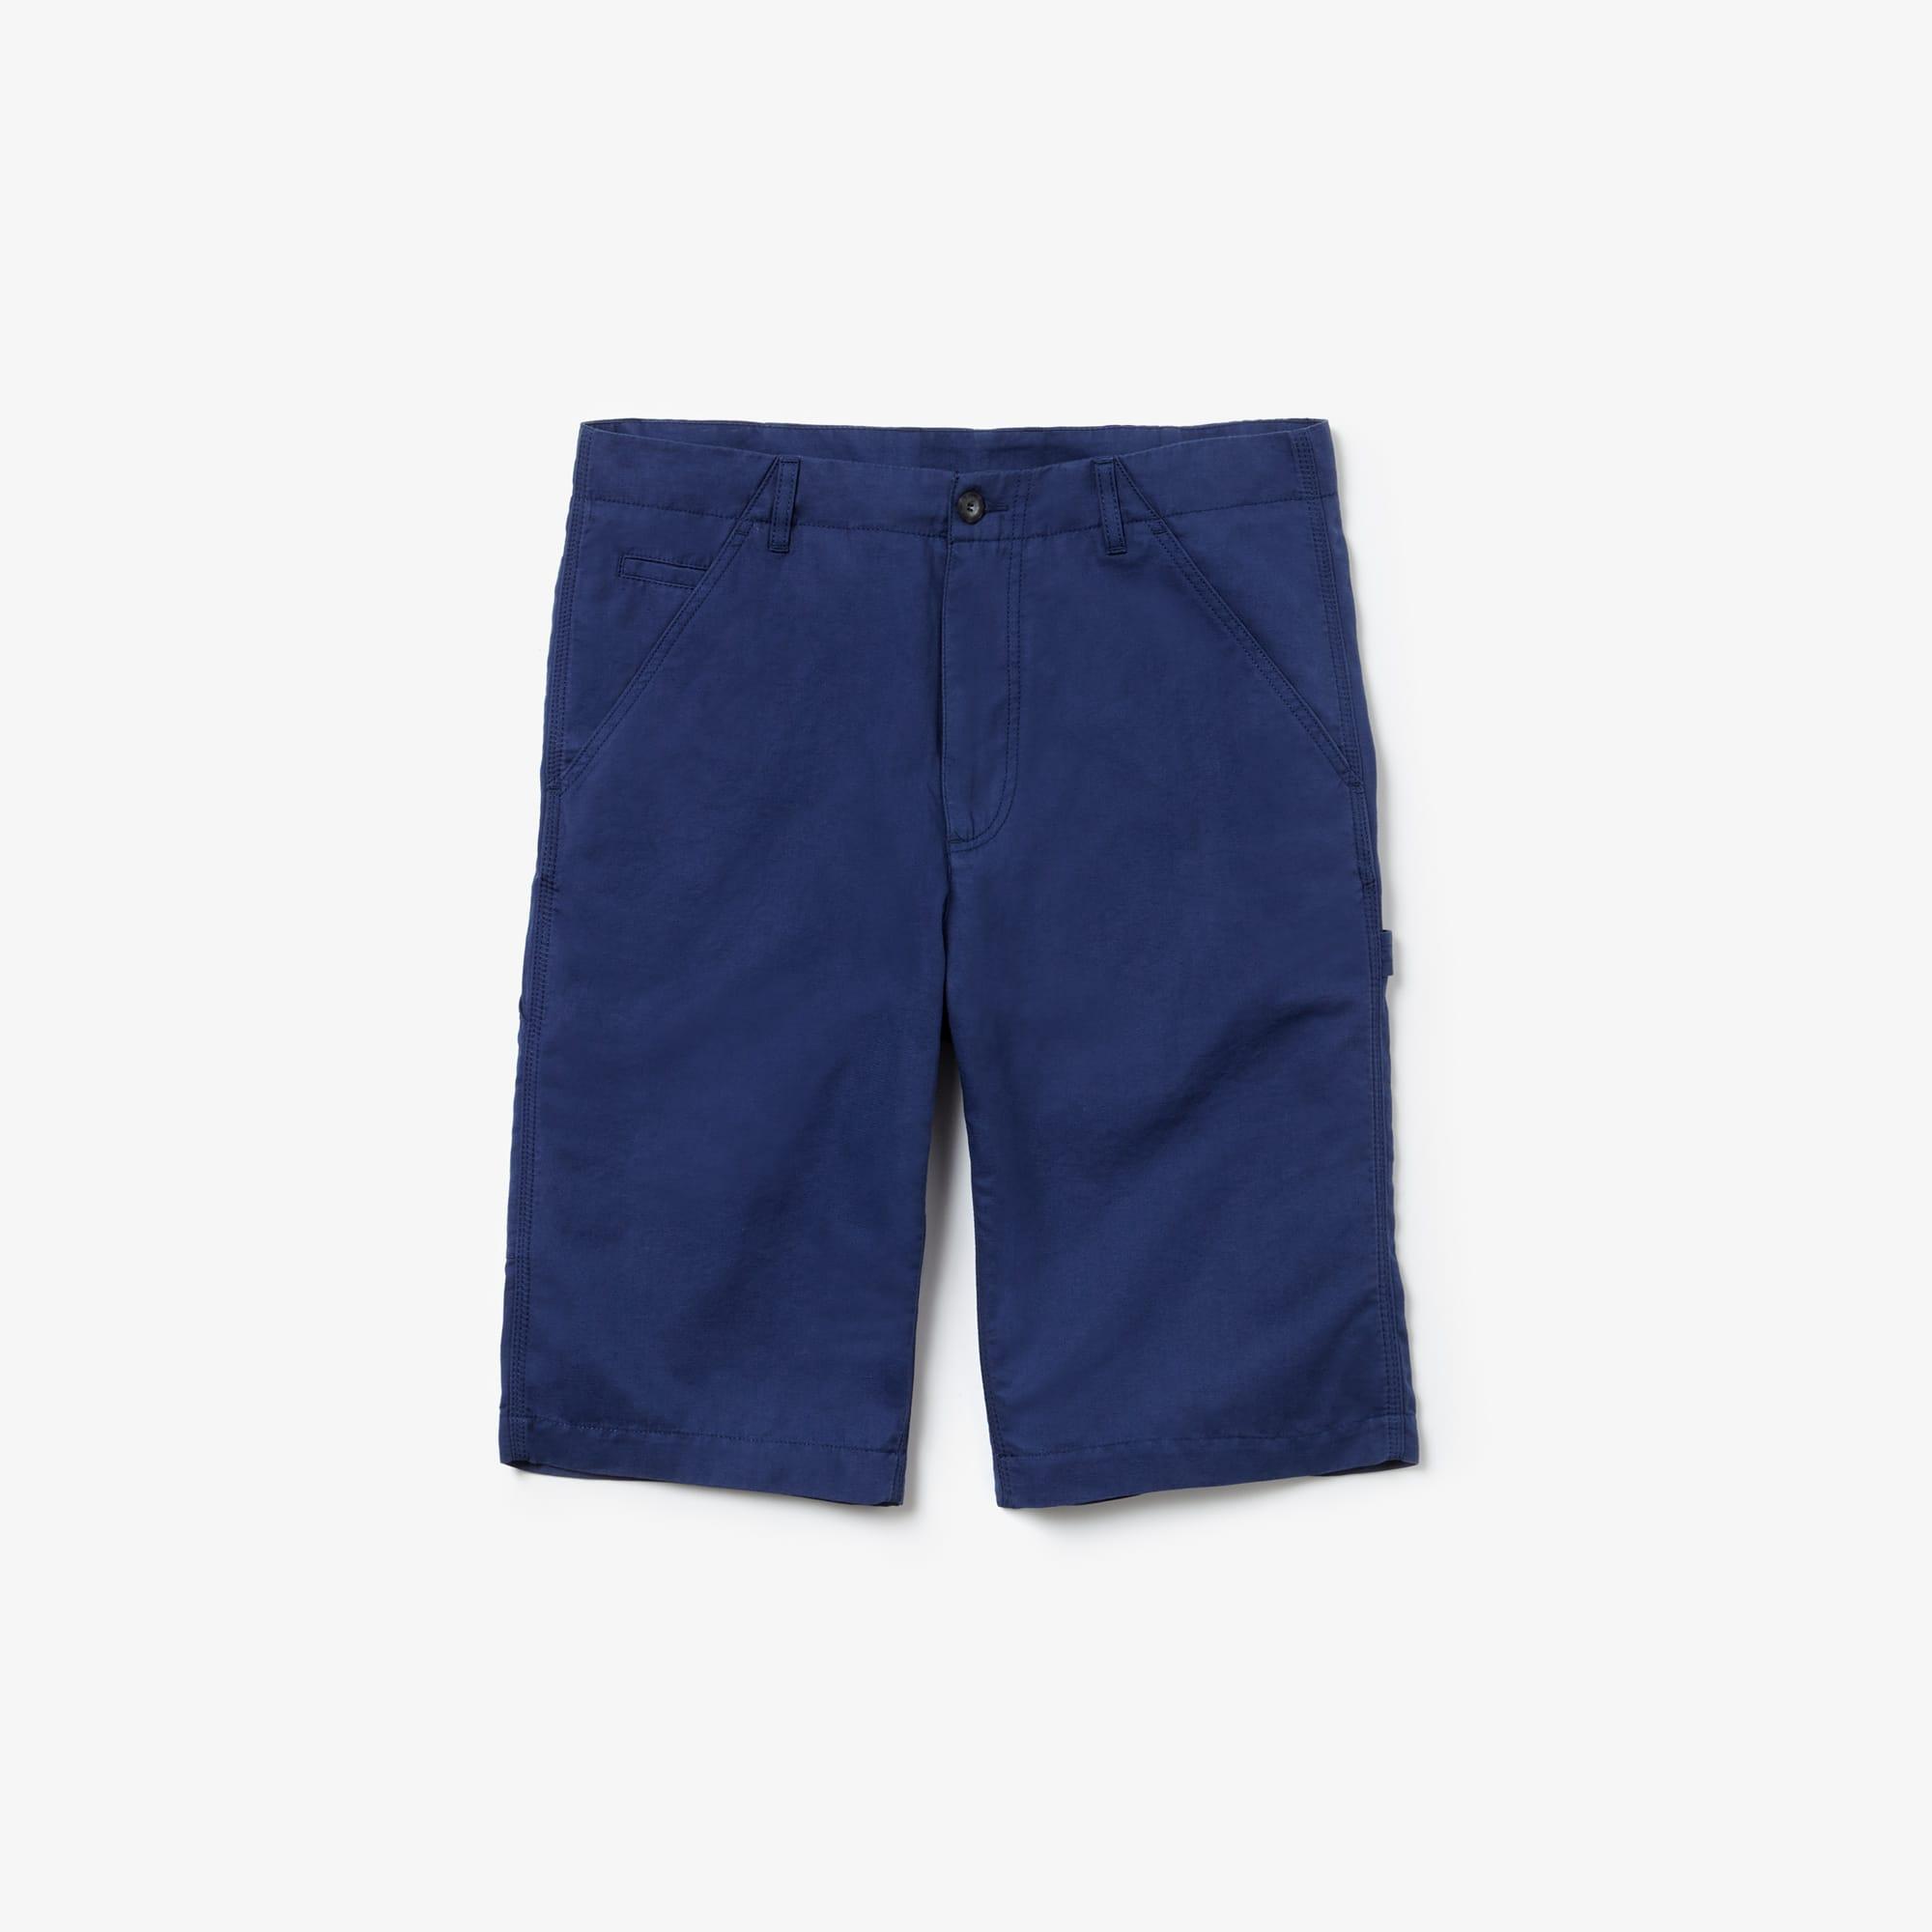 라코스테 Lacoste Mens Regular Fit Cotton And Linen Long Bermuda Shorts,Navy Blue